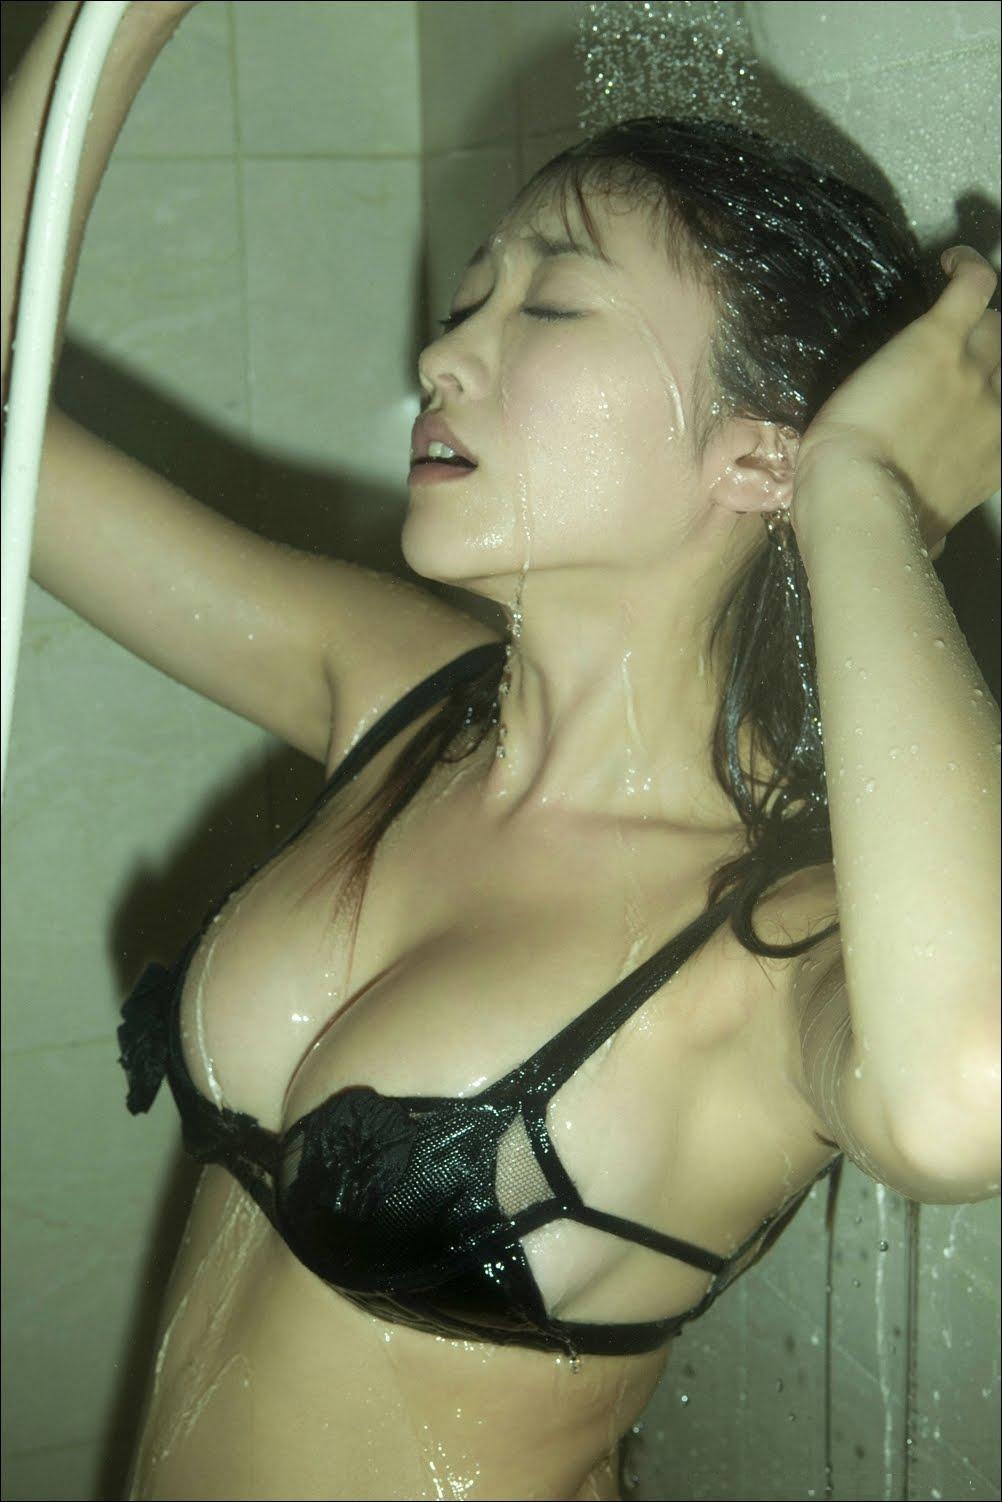 https://i1.wp.com/3.bp.blogspot.com/-XCKE97N_018/Ths7AmZZQGI/AAAAAAAAAgM/-QF2gdFxjUk/s1600/ShowerPan1.jpg